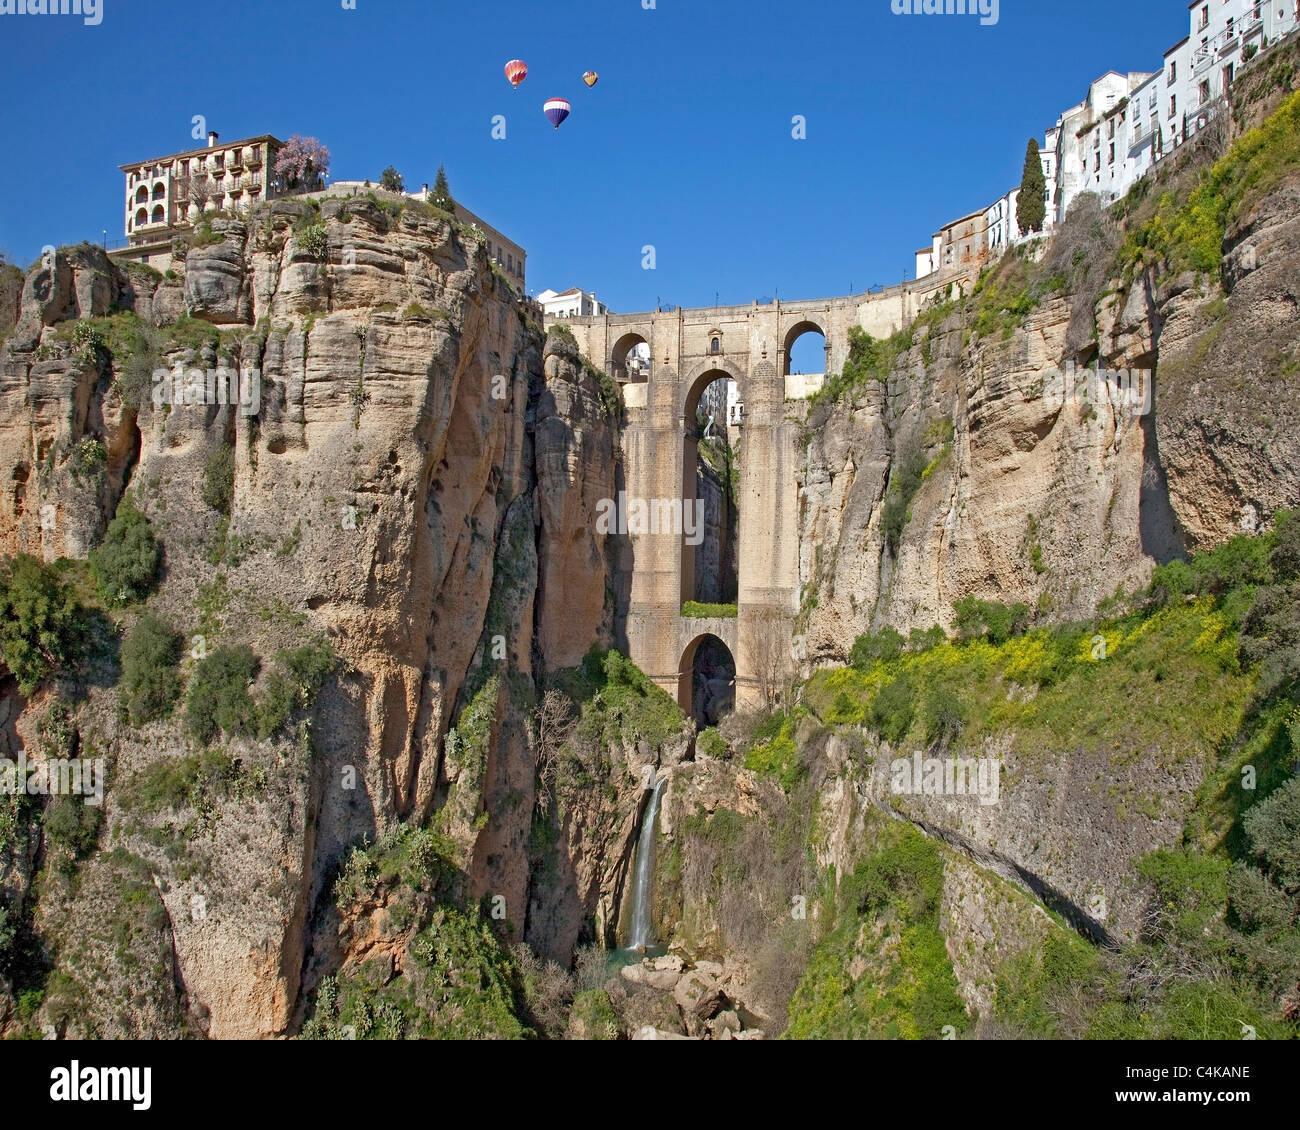 ES - ANDALUSIA: Puente Nuevo at Ronda - Stock Image